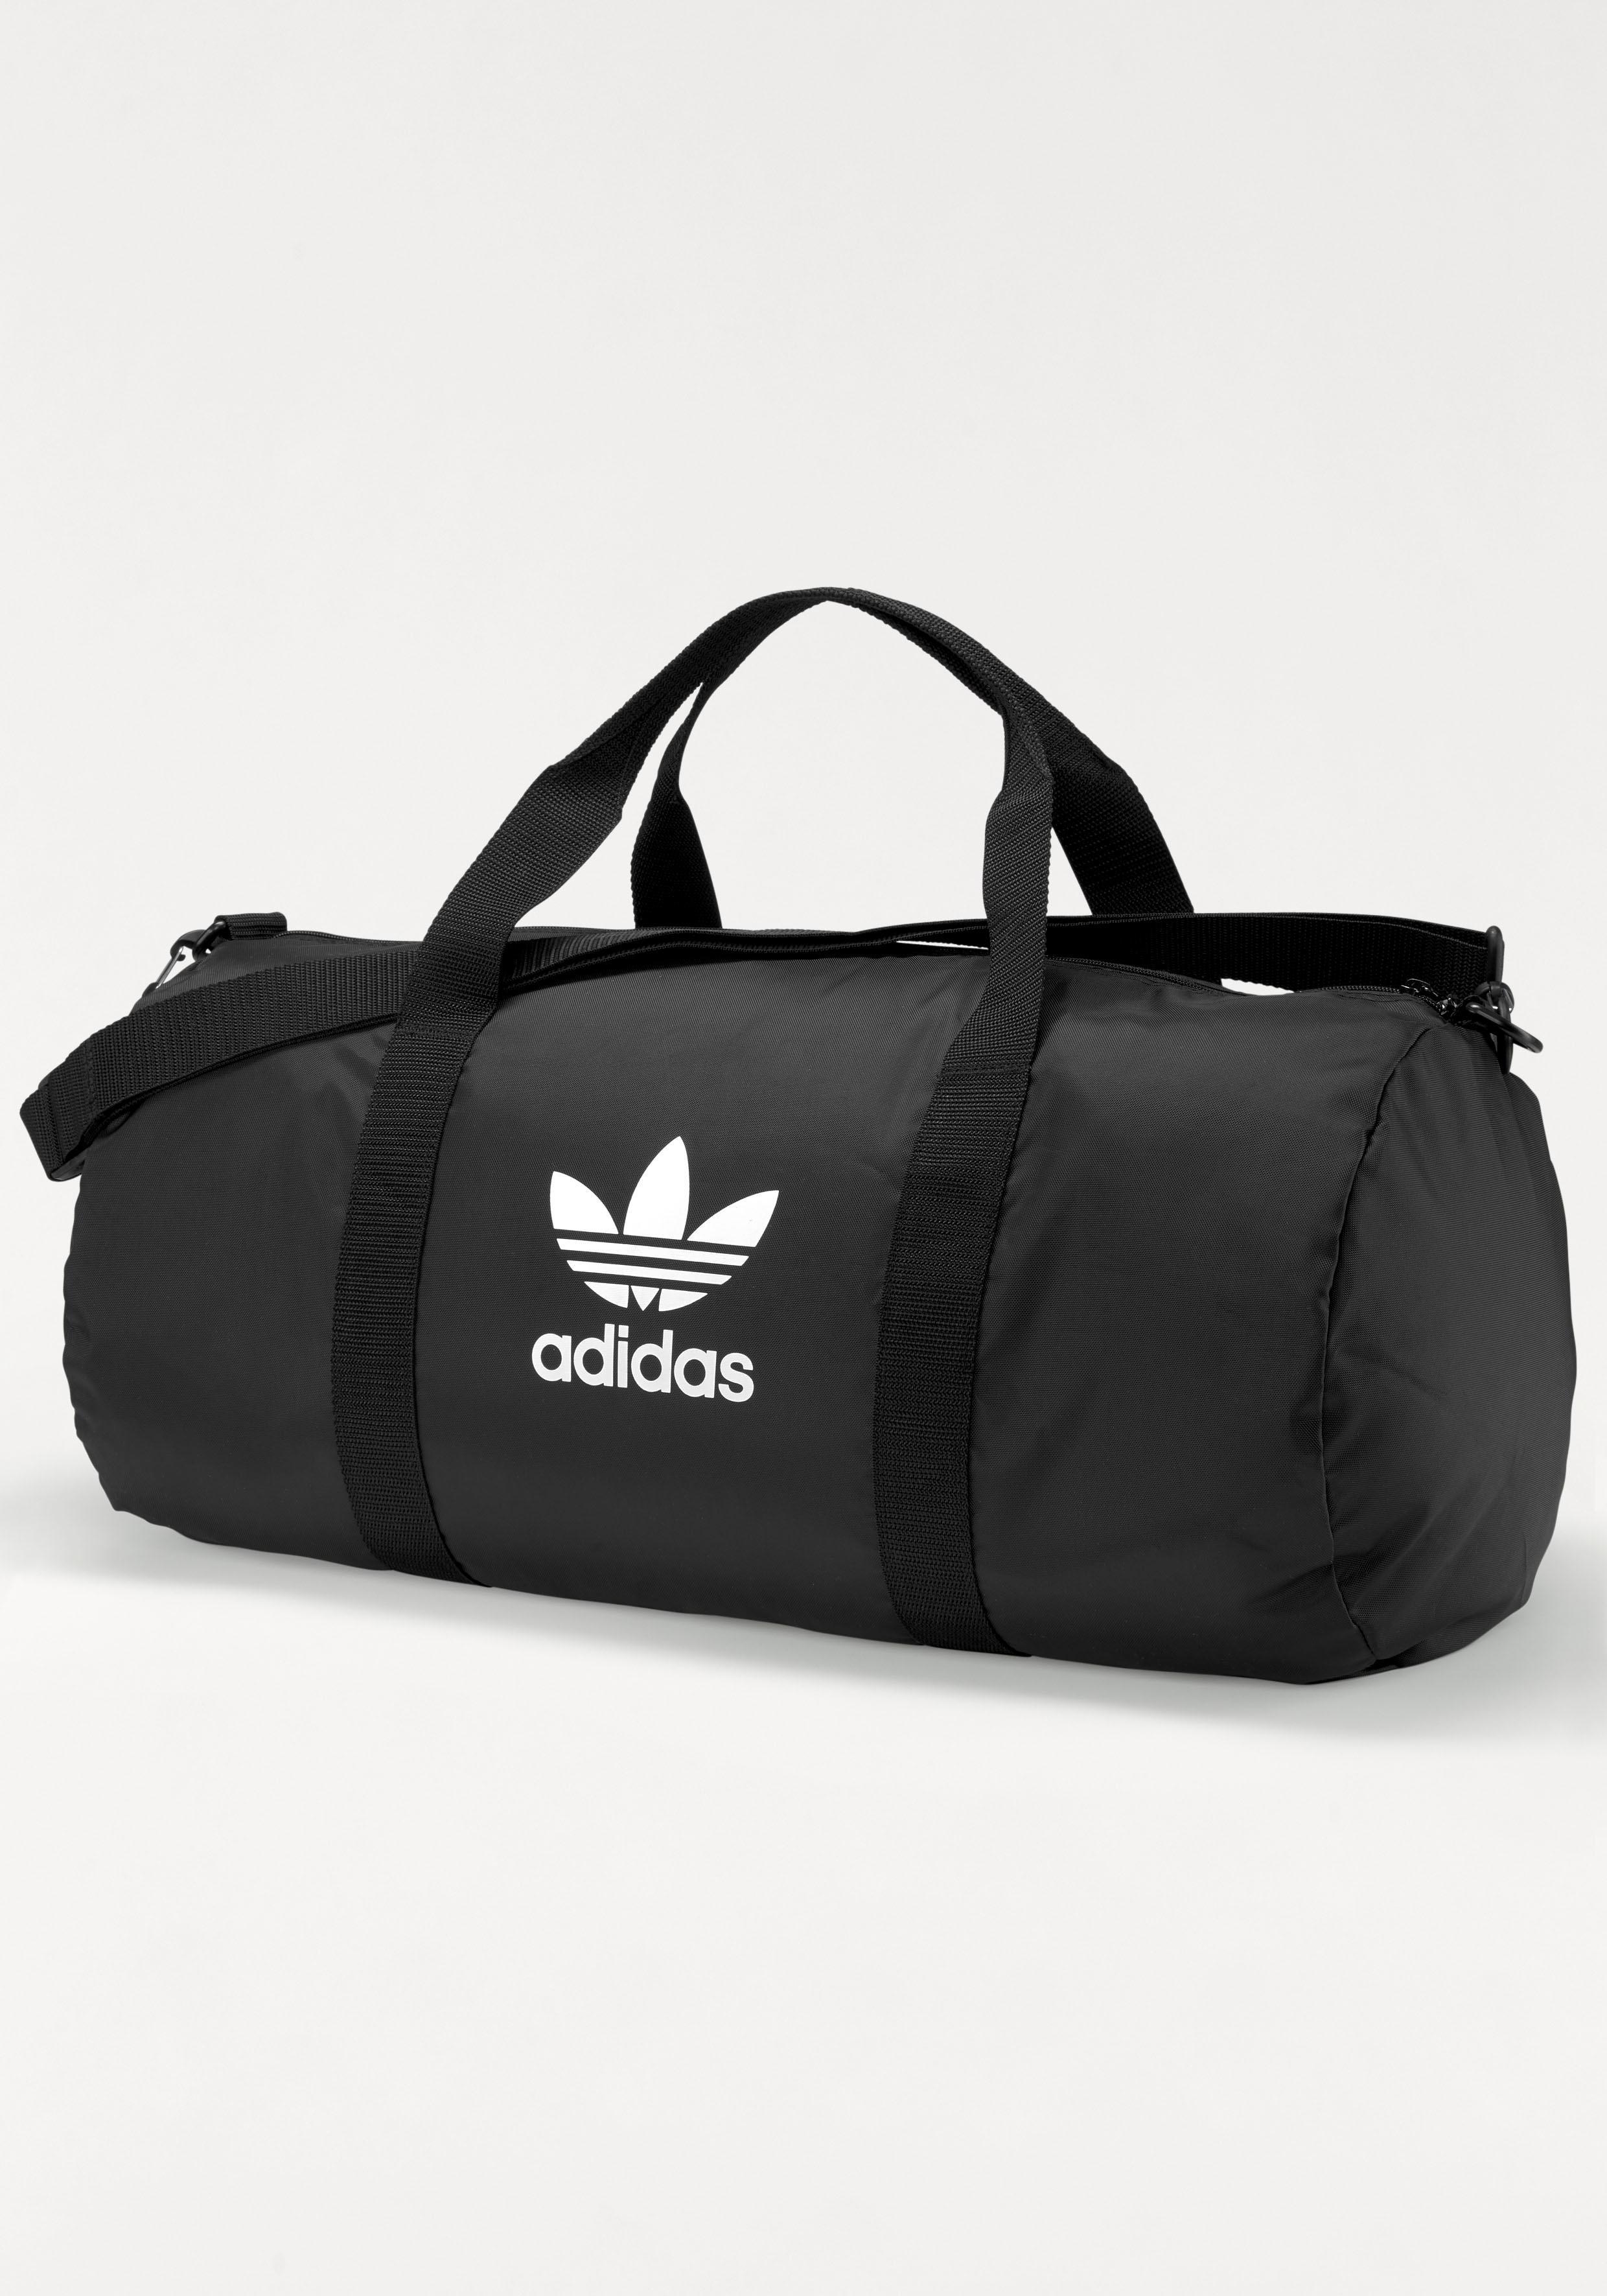 enorme verkoop populaire winkels gedetailleerde afbeeldingen Sporttas voor heren online kopen   OTTO